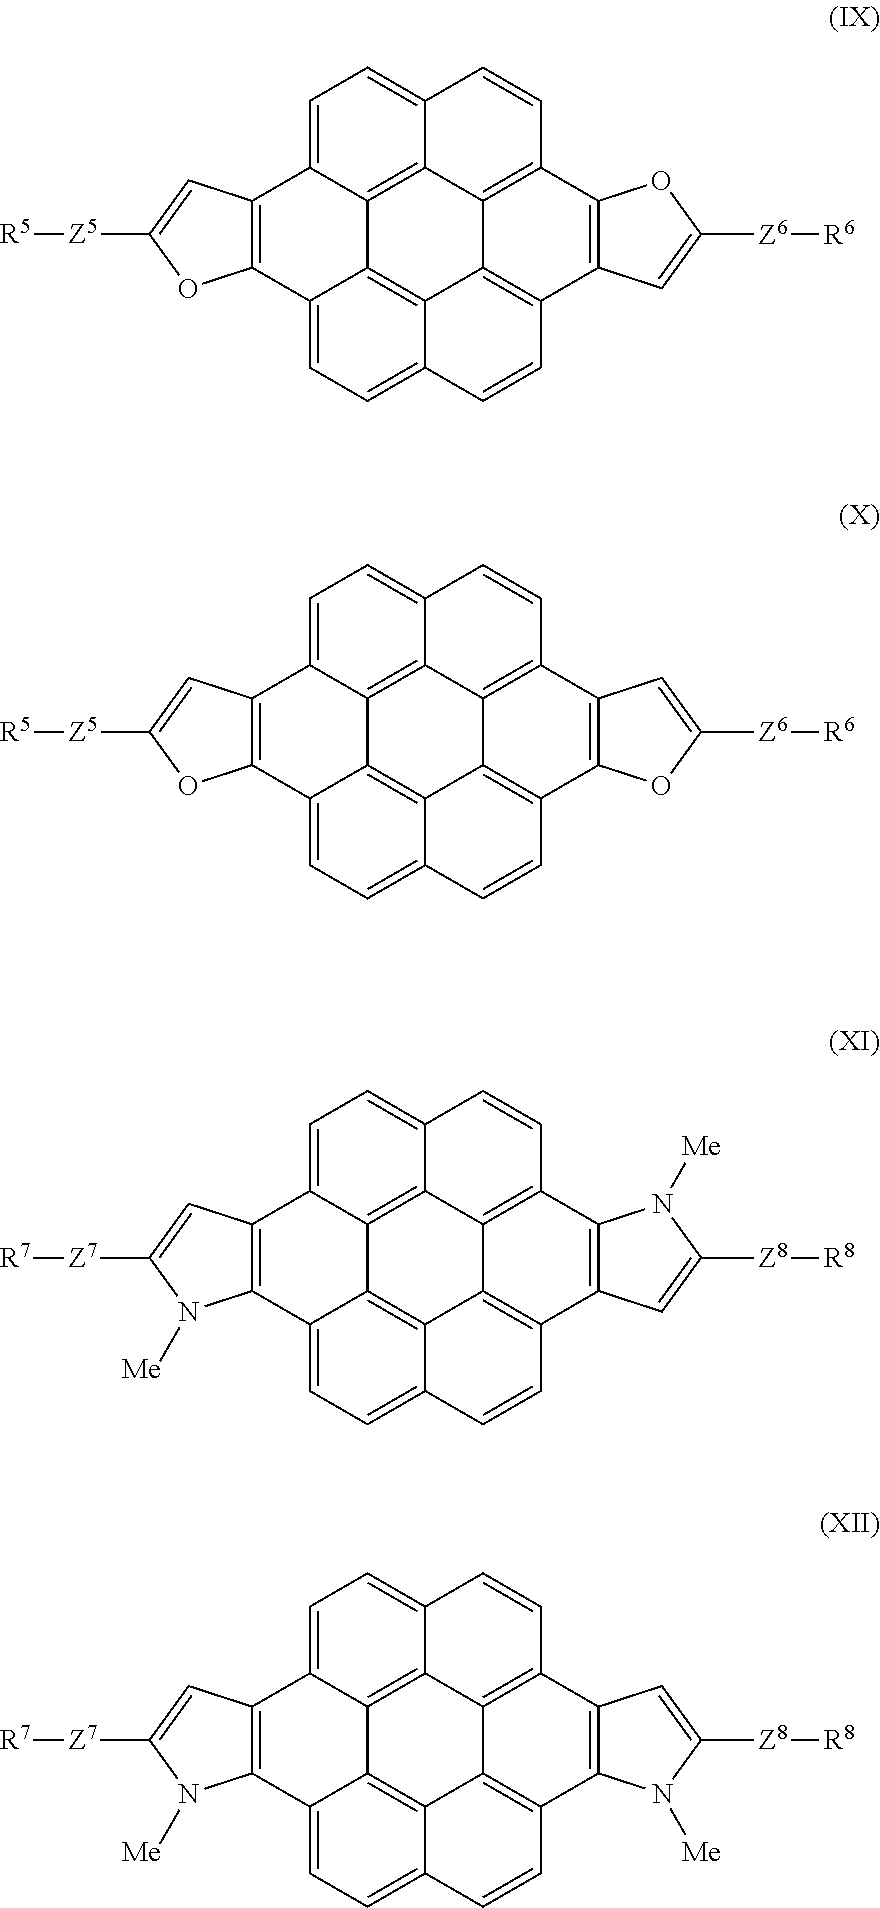 Figure US08598575-20131203-C00026